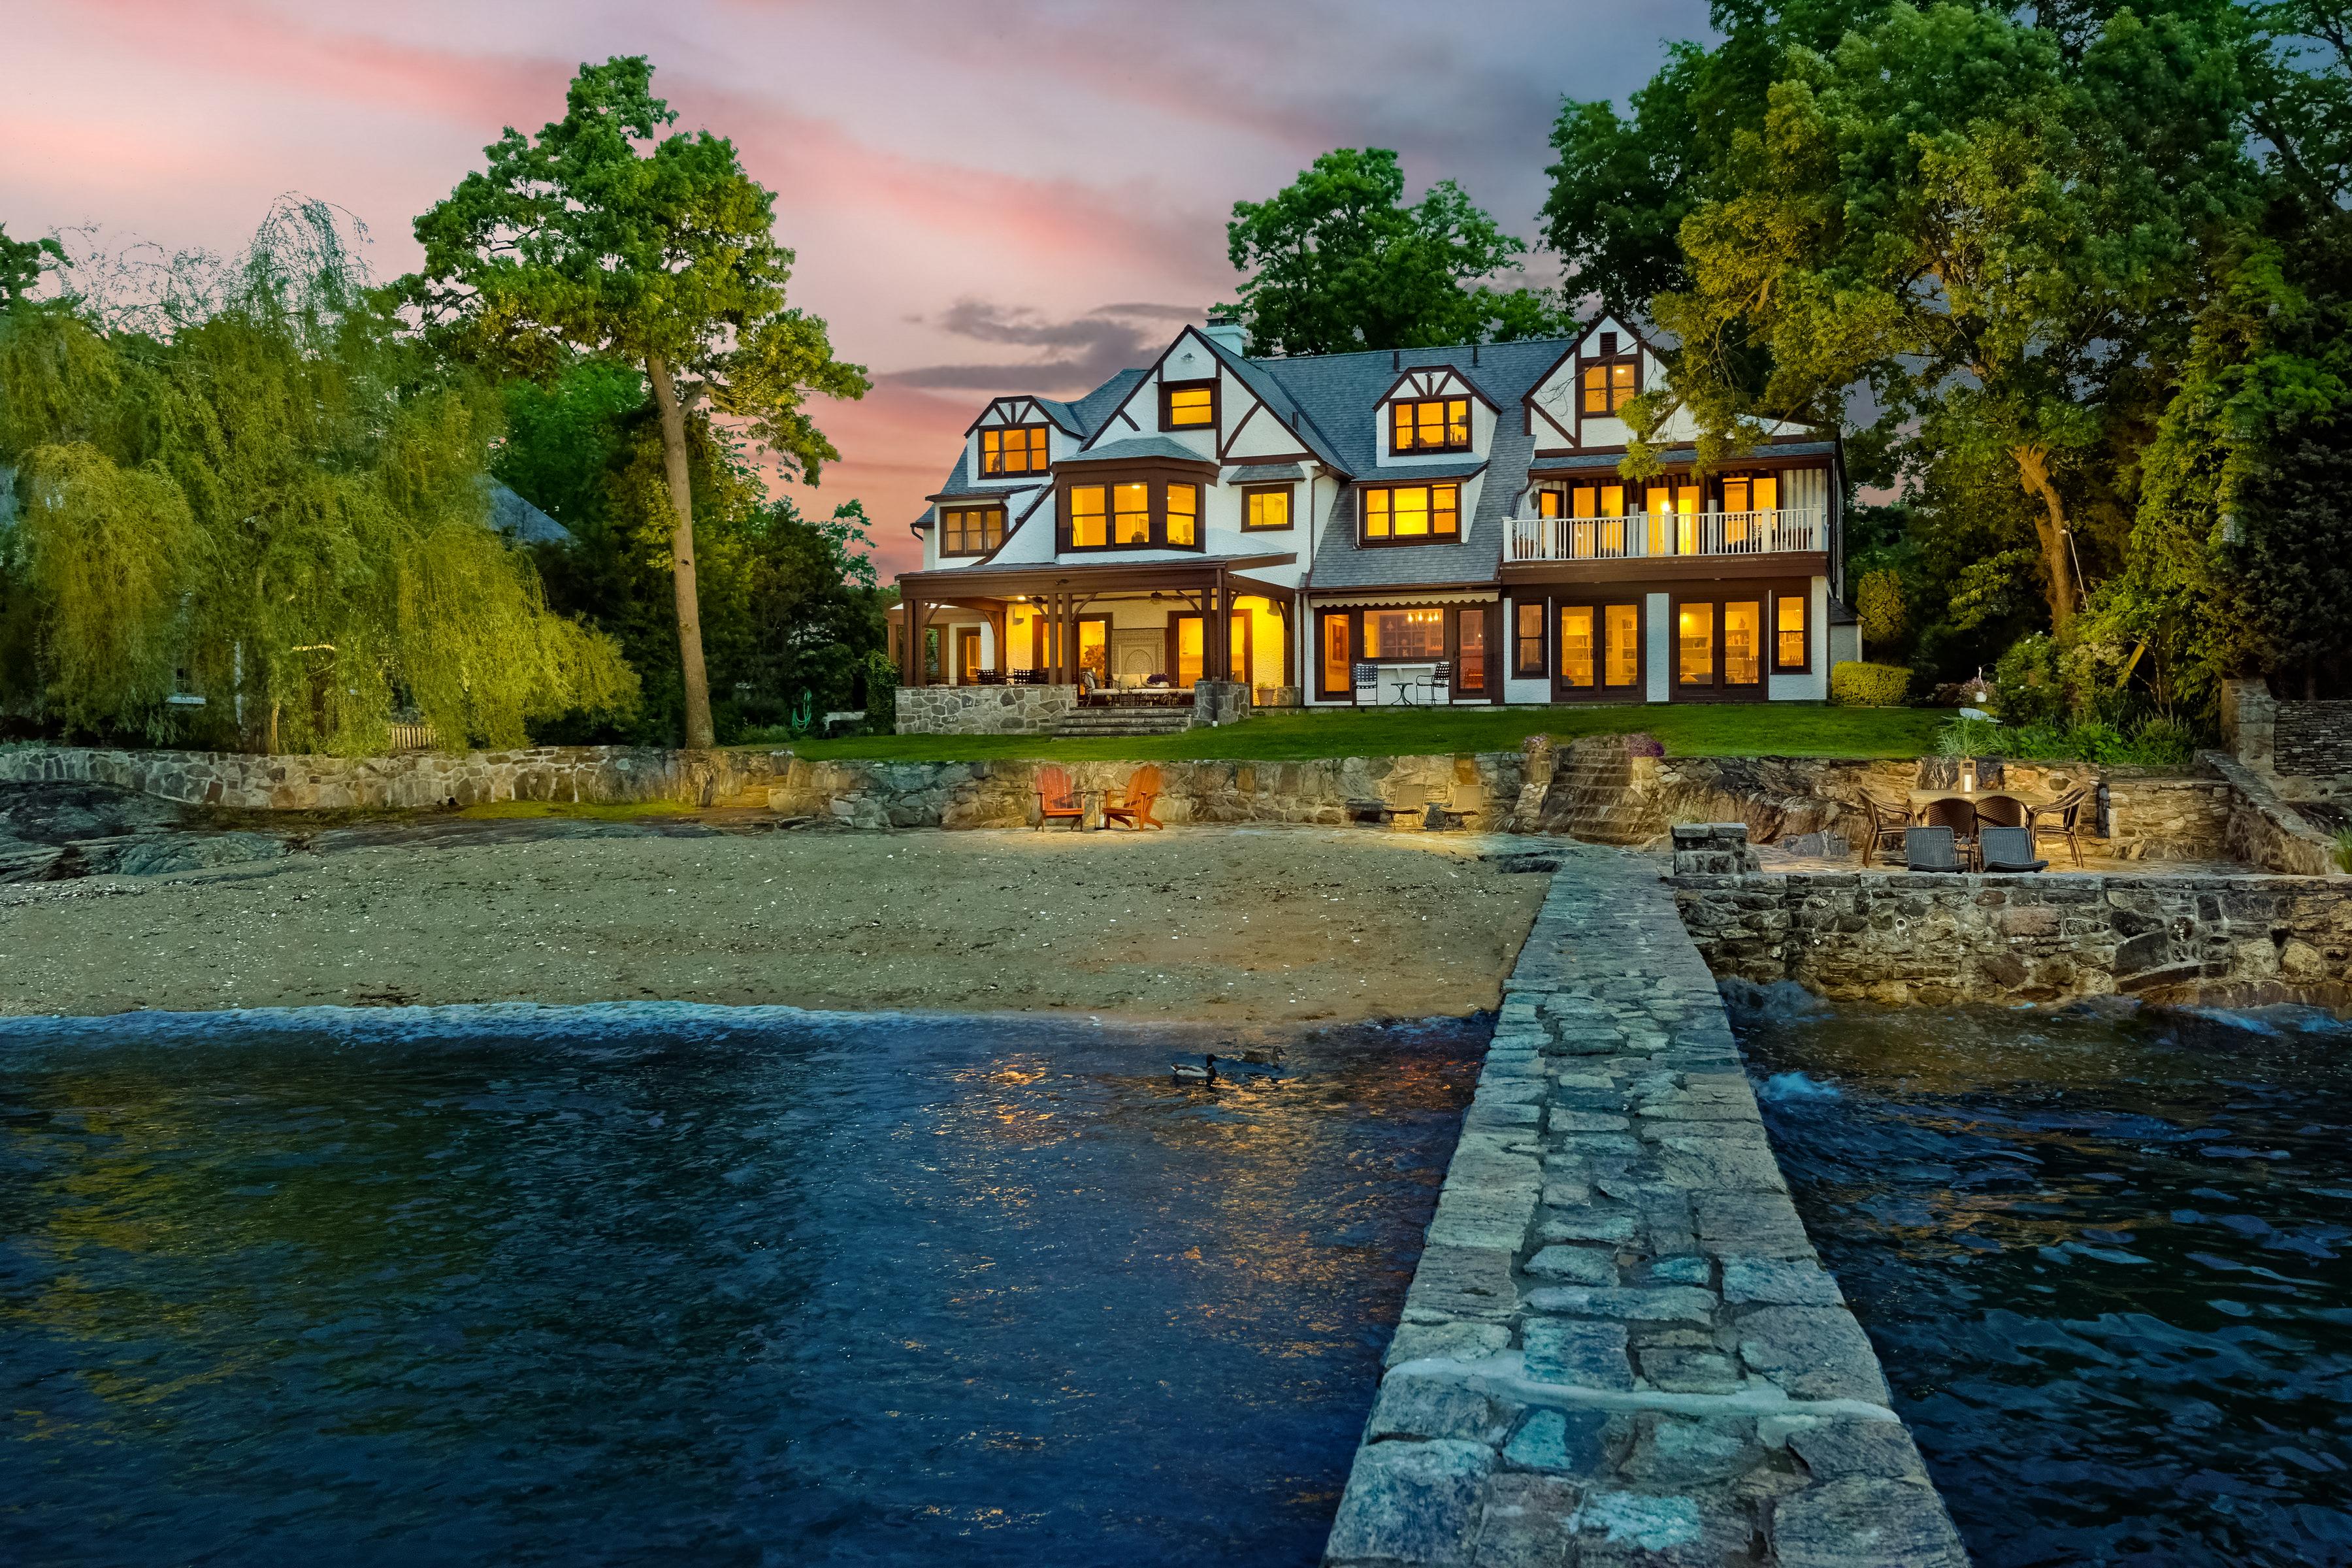 Casa Unifamiliar por un Venta en 3 Shore Road Rye, Nueva York, 10580 Estados Unidos